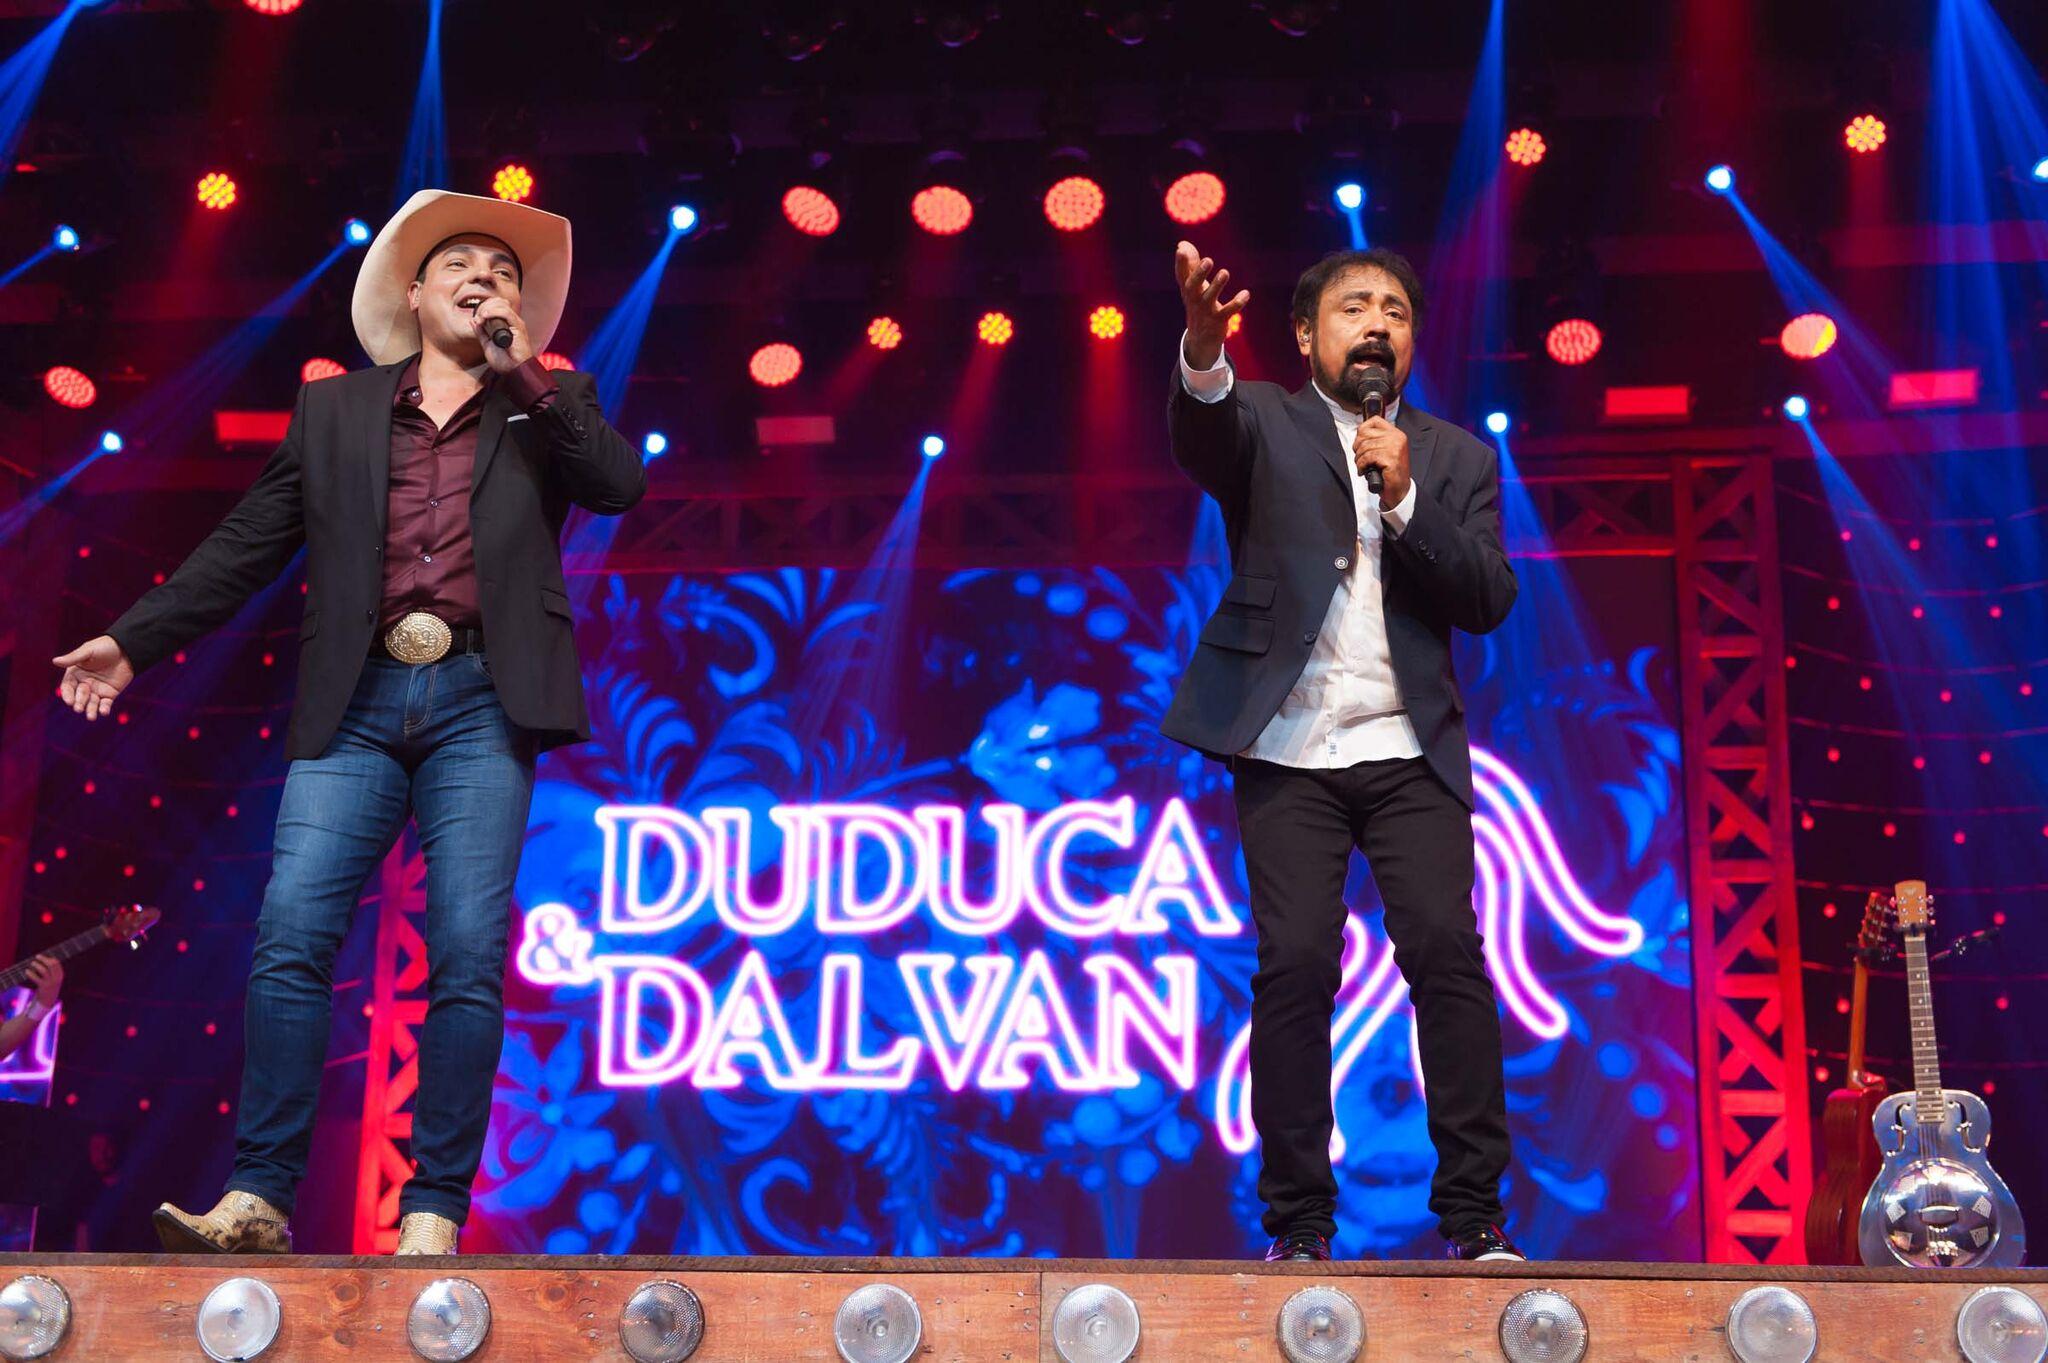 Duduca & Dalvan celebram 40 anos de carreira em grandioso DVD em Goiânia